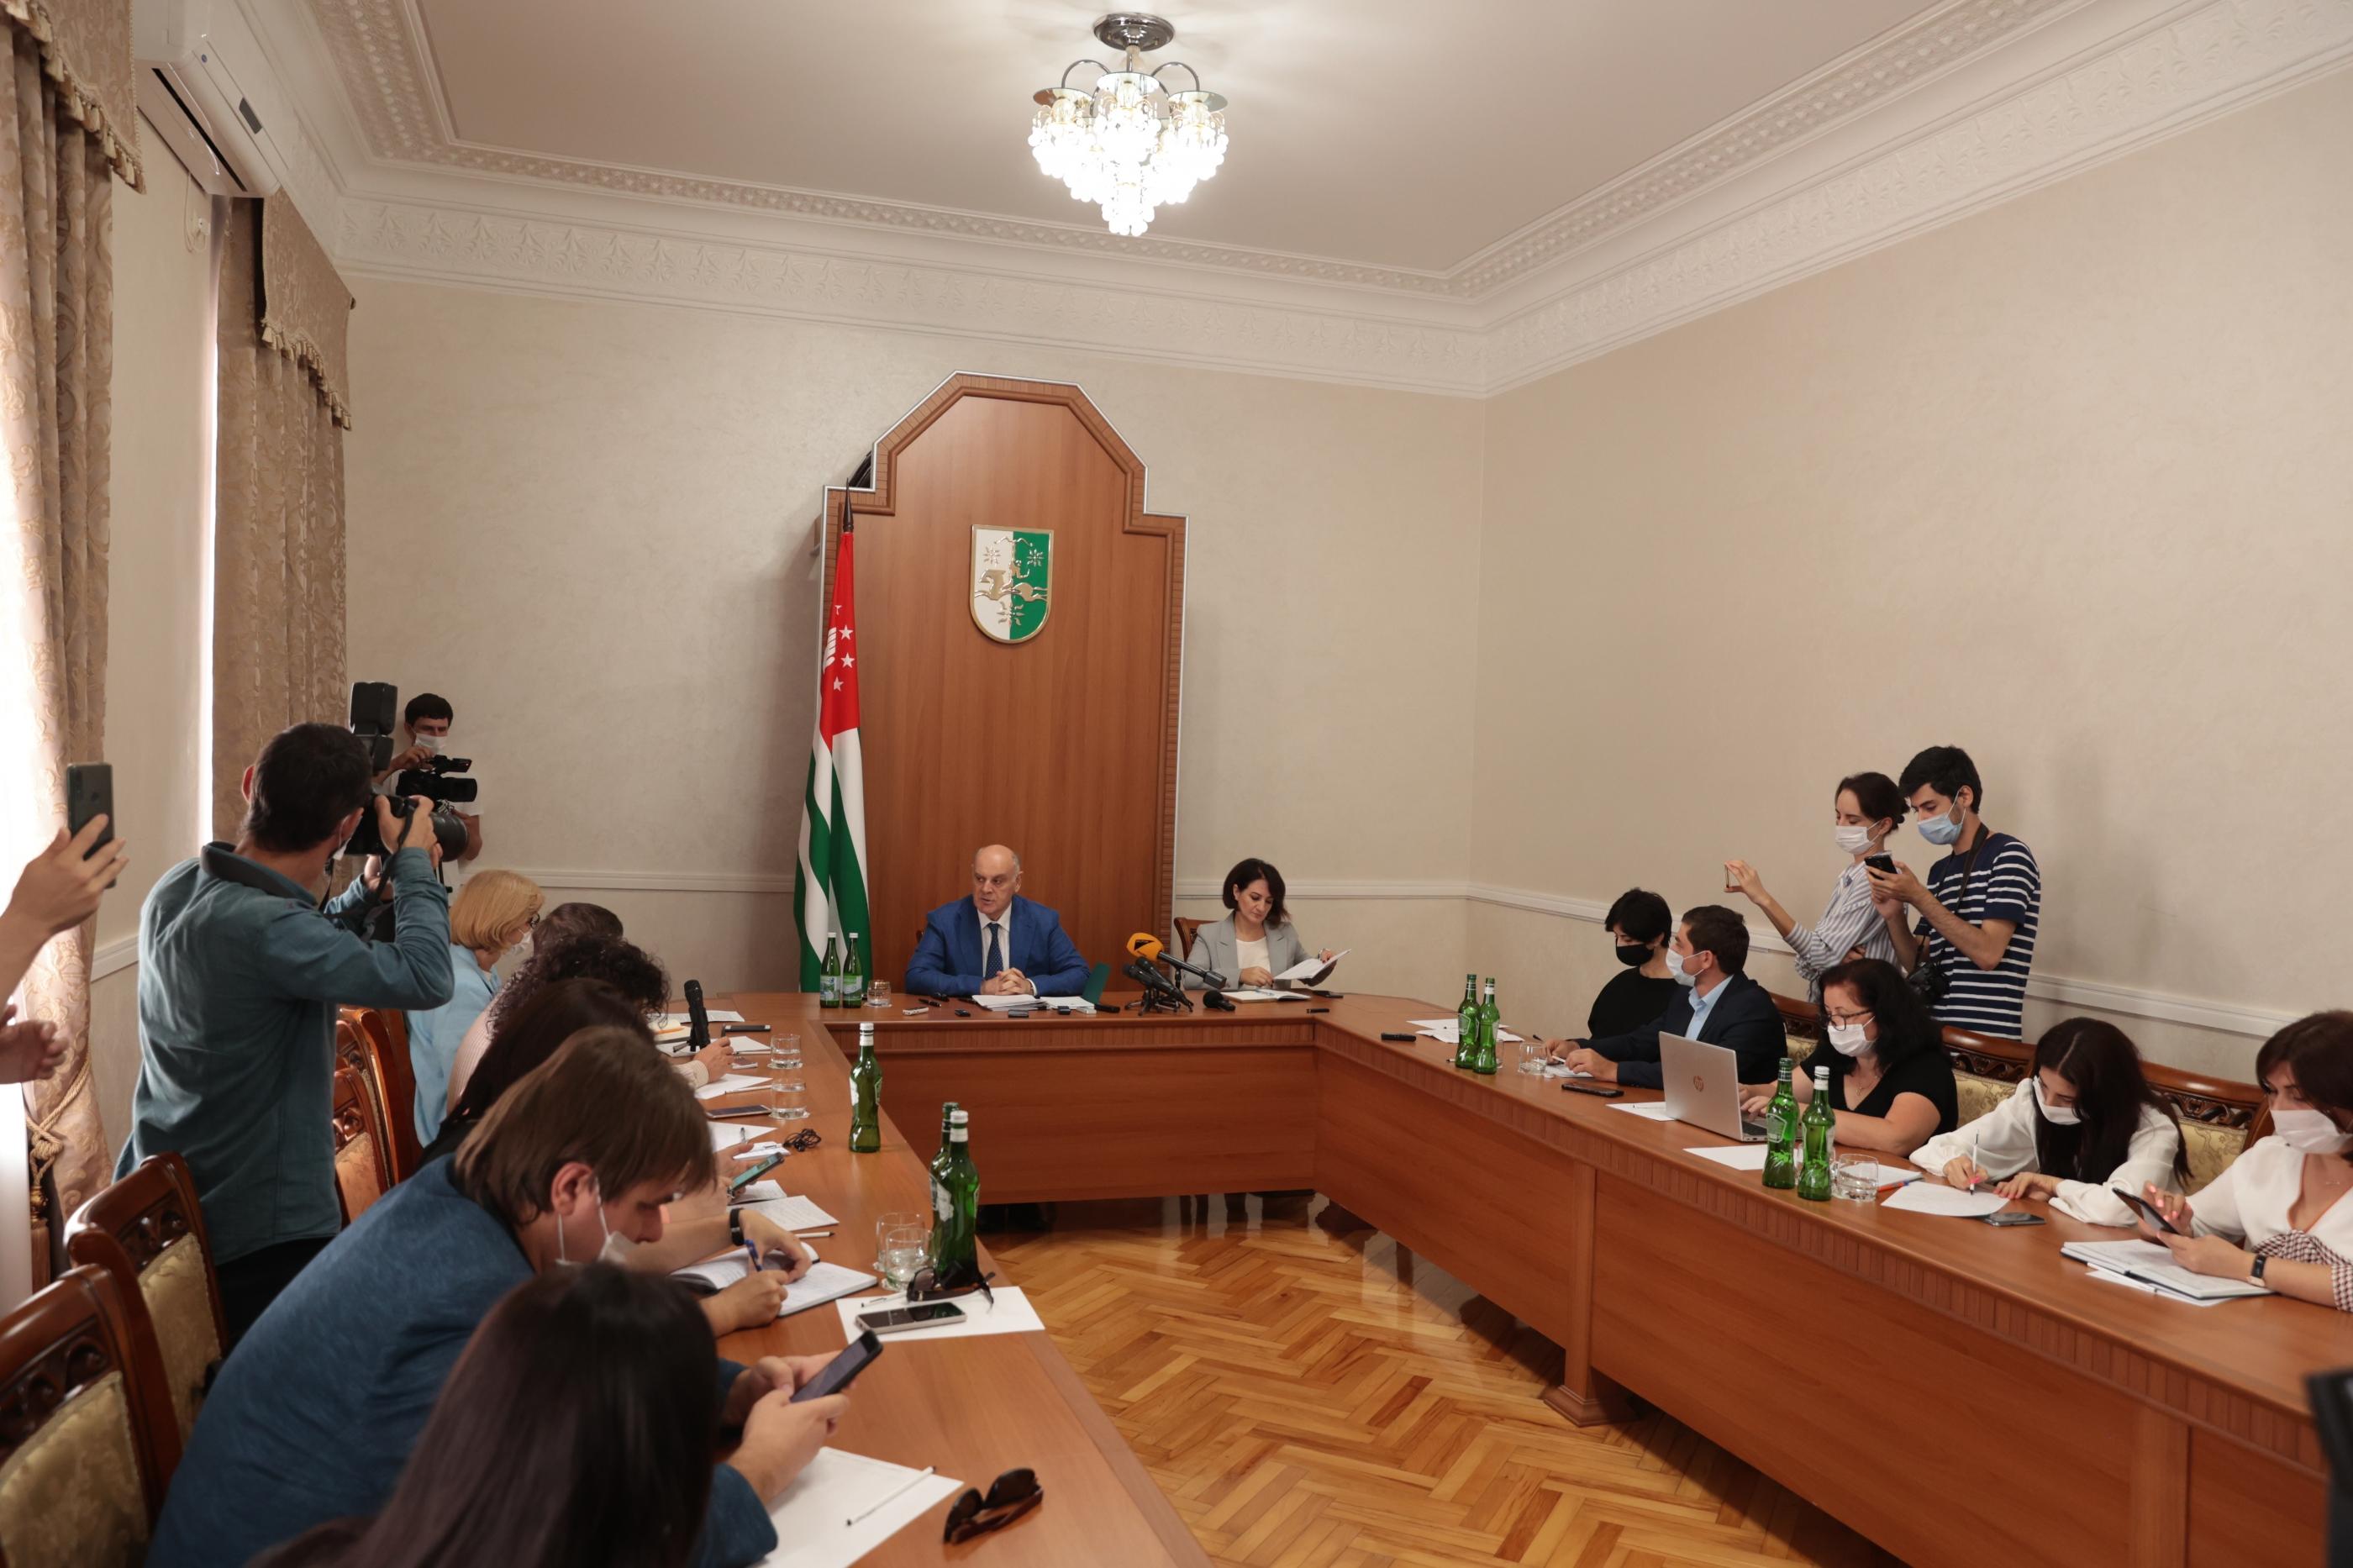 Президент Аслан Бжания дал пресс-конференцию абхазским СМИ